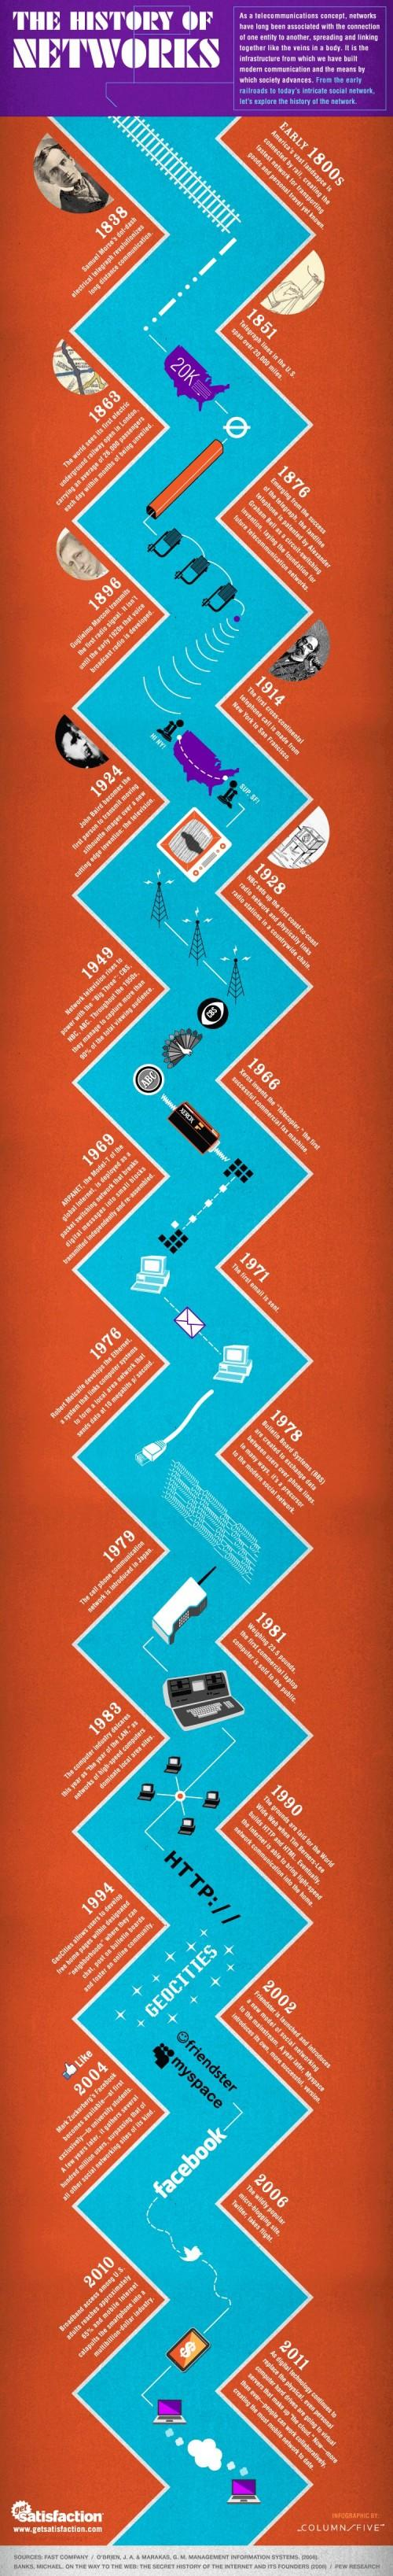 L'histoire des réseaux en 1 infographie